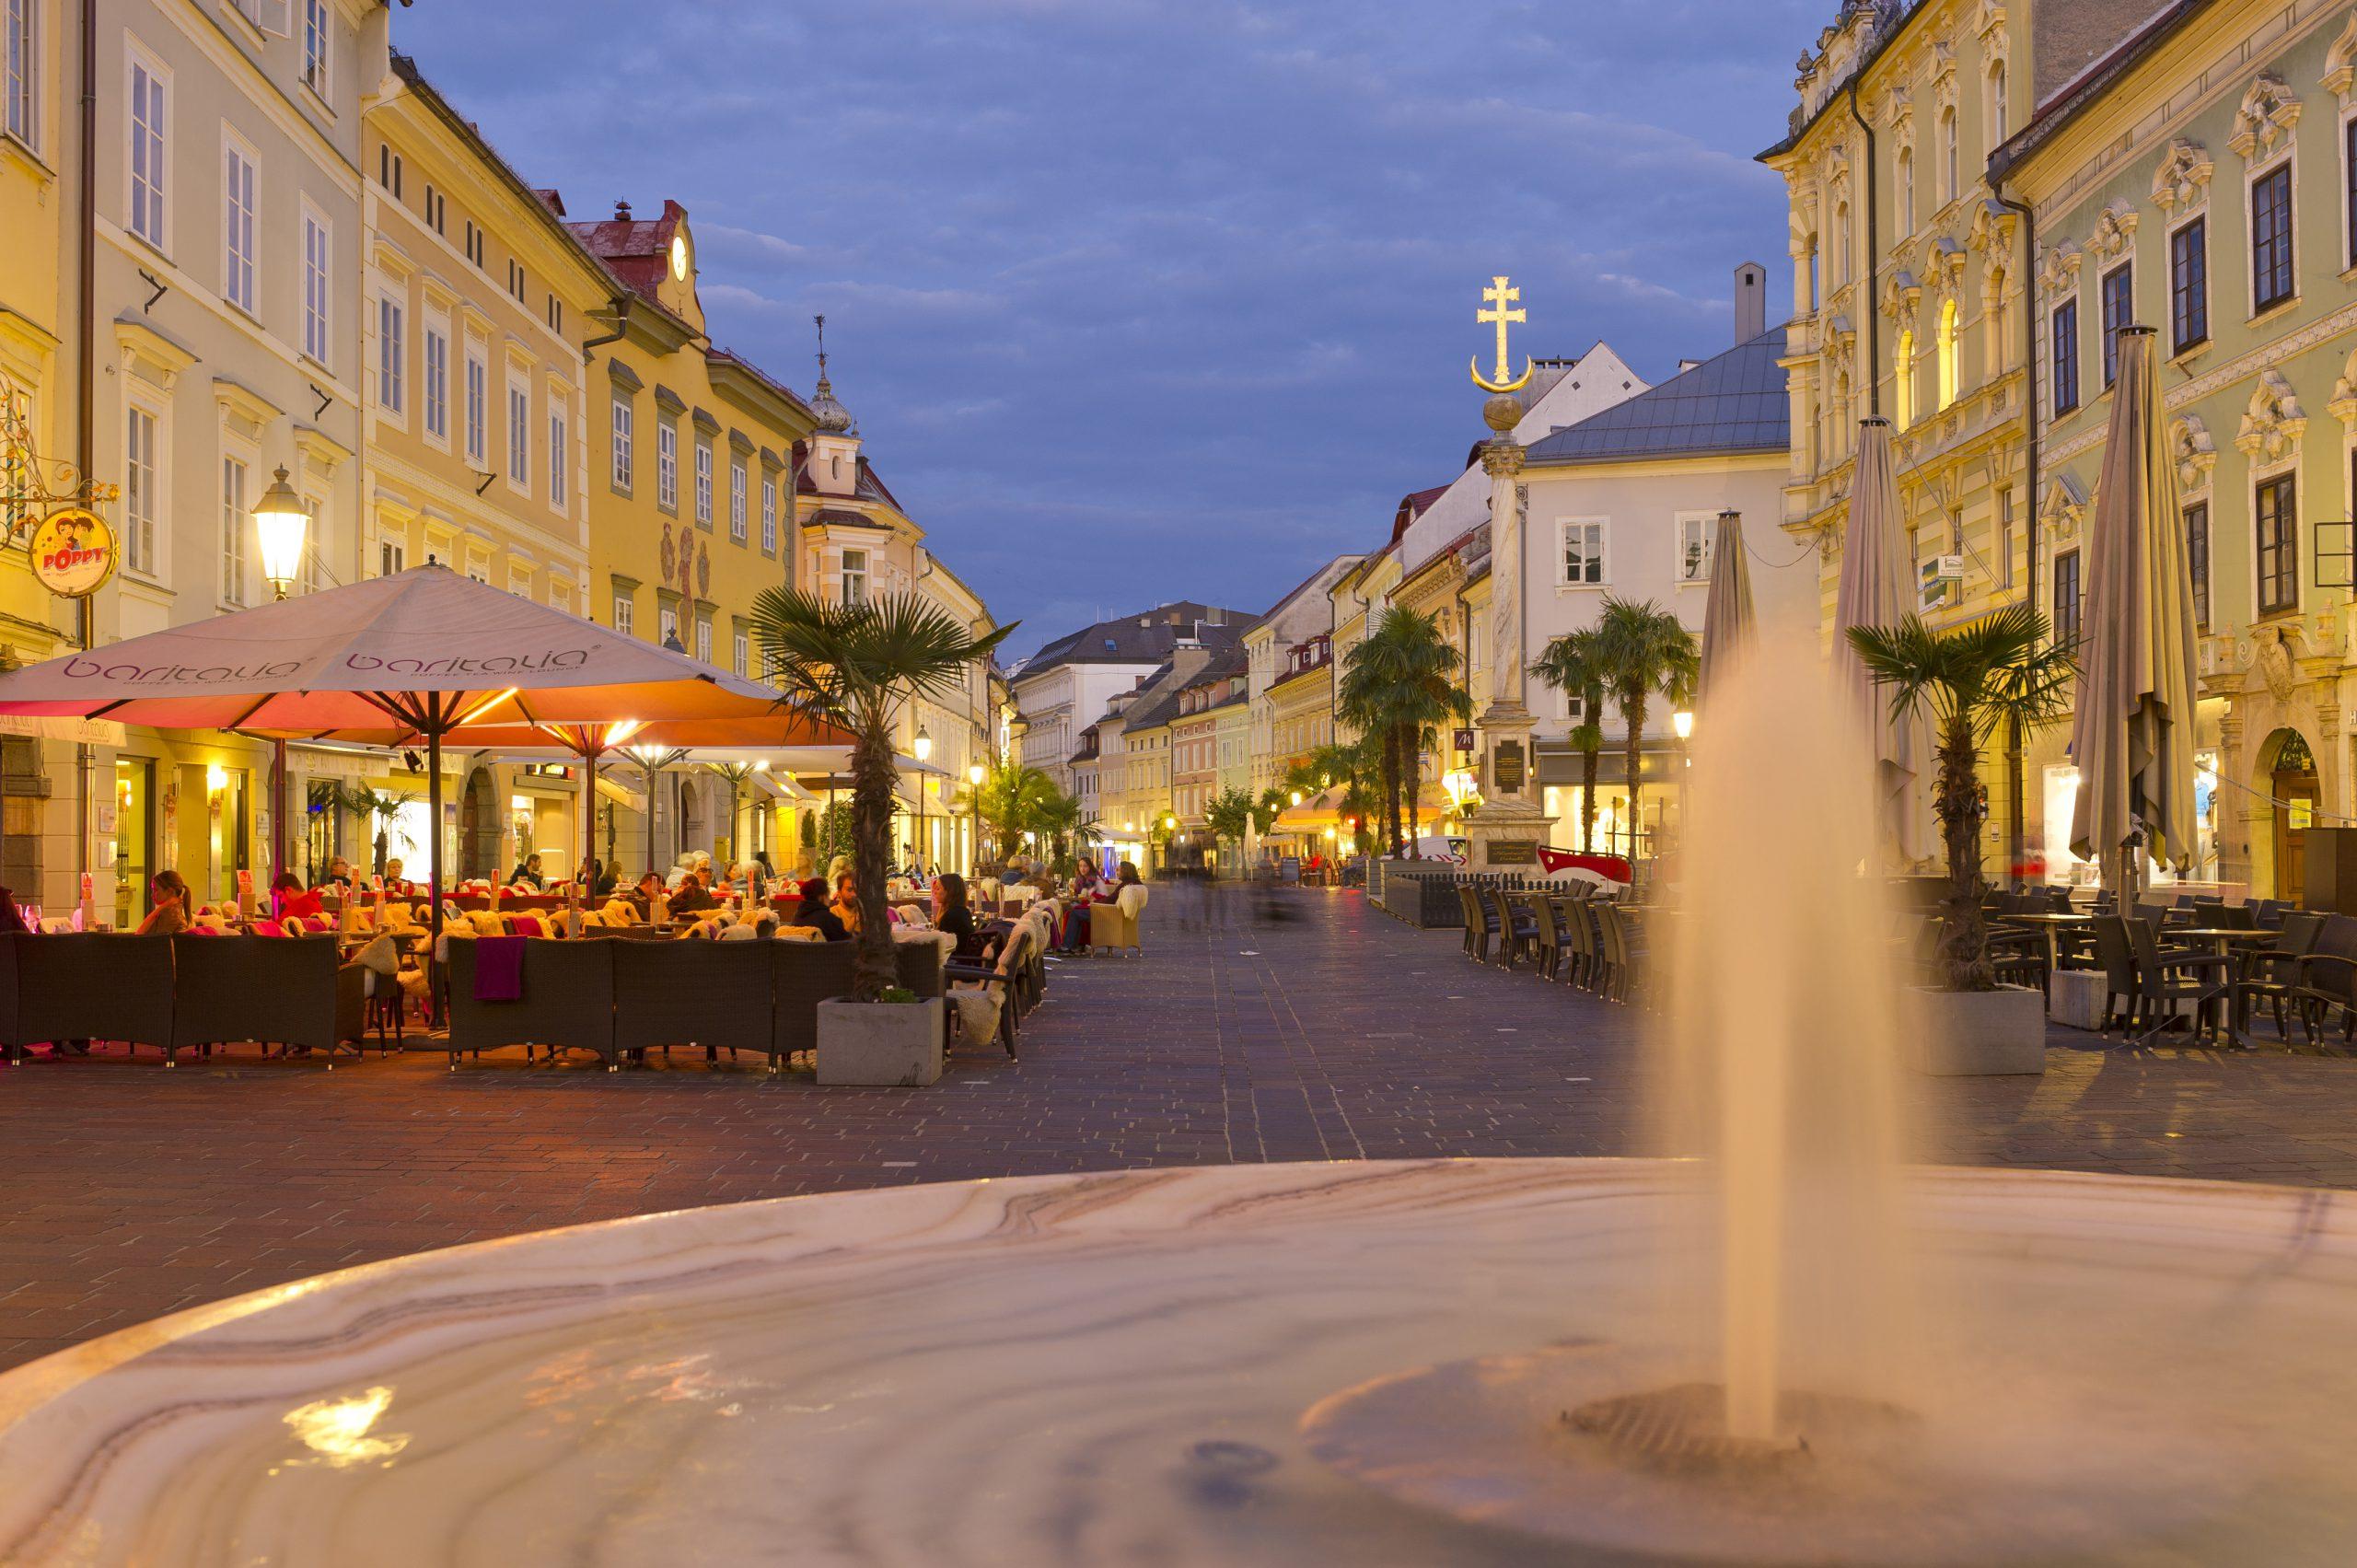 Radurlaub in der Landeshauptstadt Klagenfurt am Wörthersee im Herzen von Kärnten